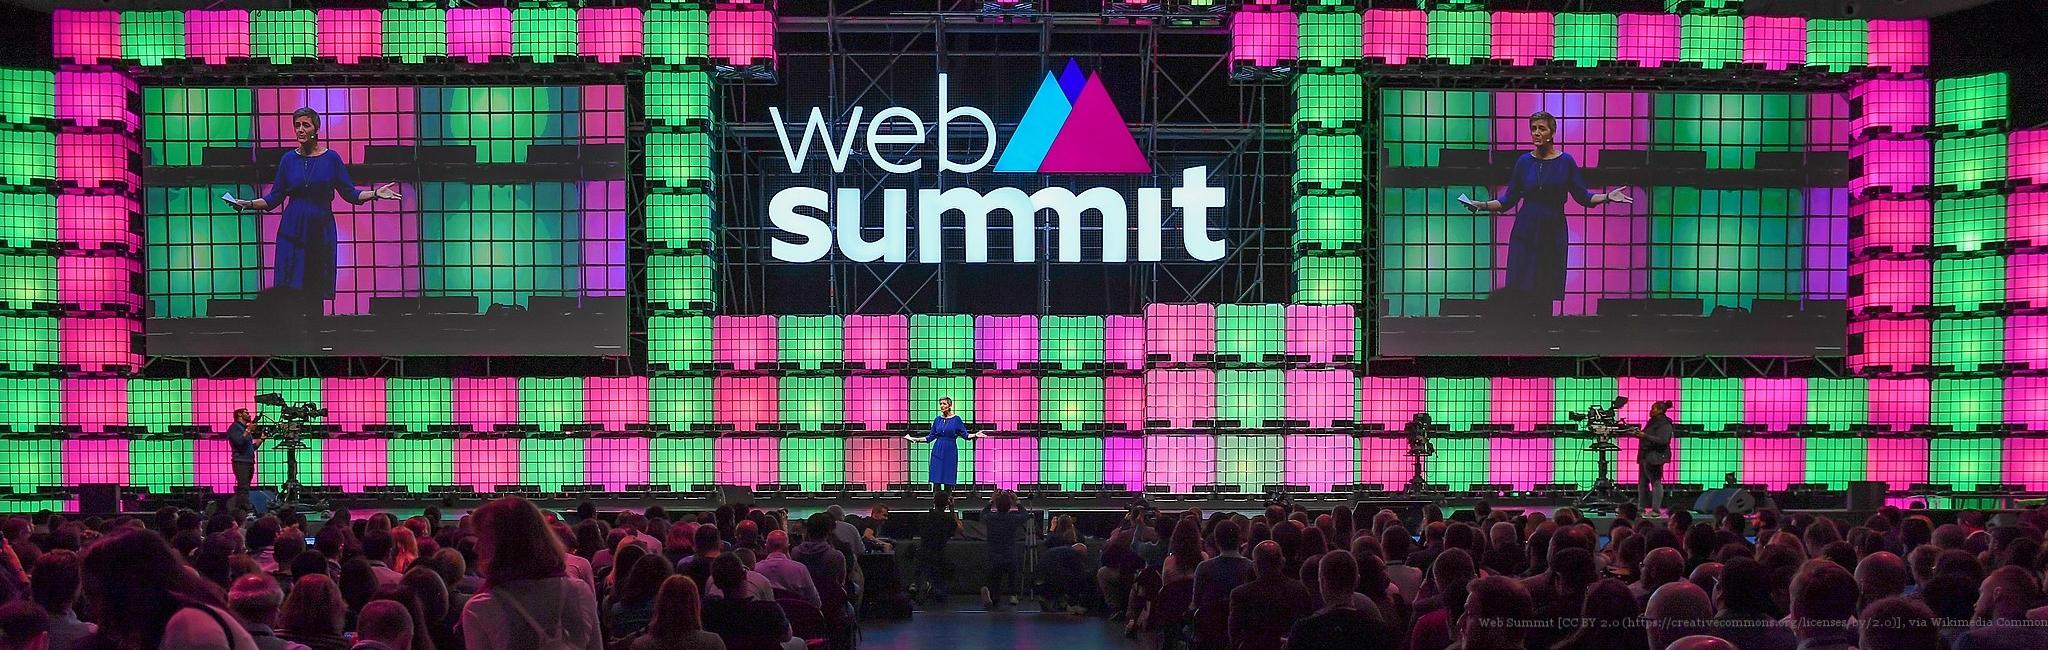 Web_Summit_2017_-_Centre_Stage_Day_1_SM1_3995_(24369081448).jpg